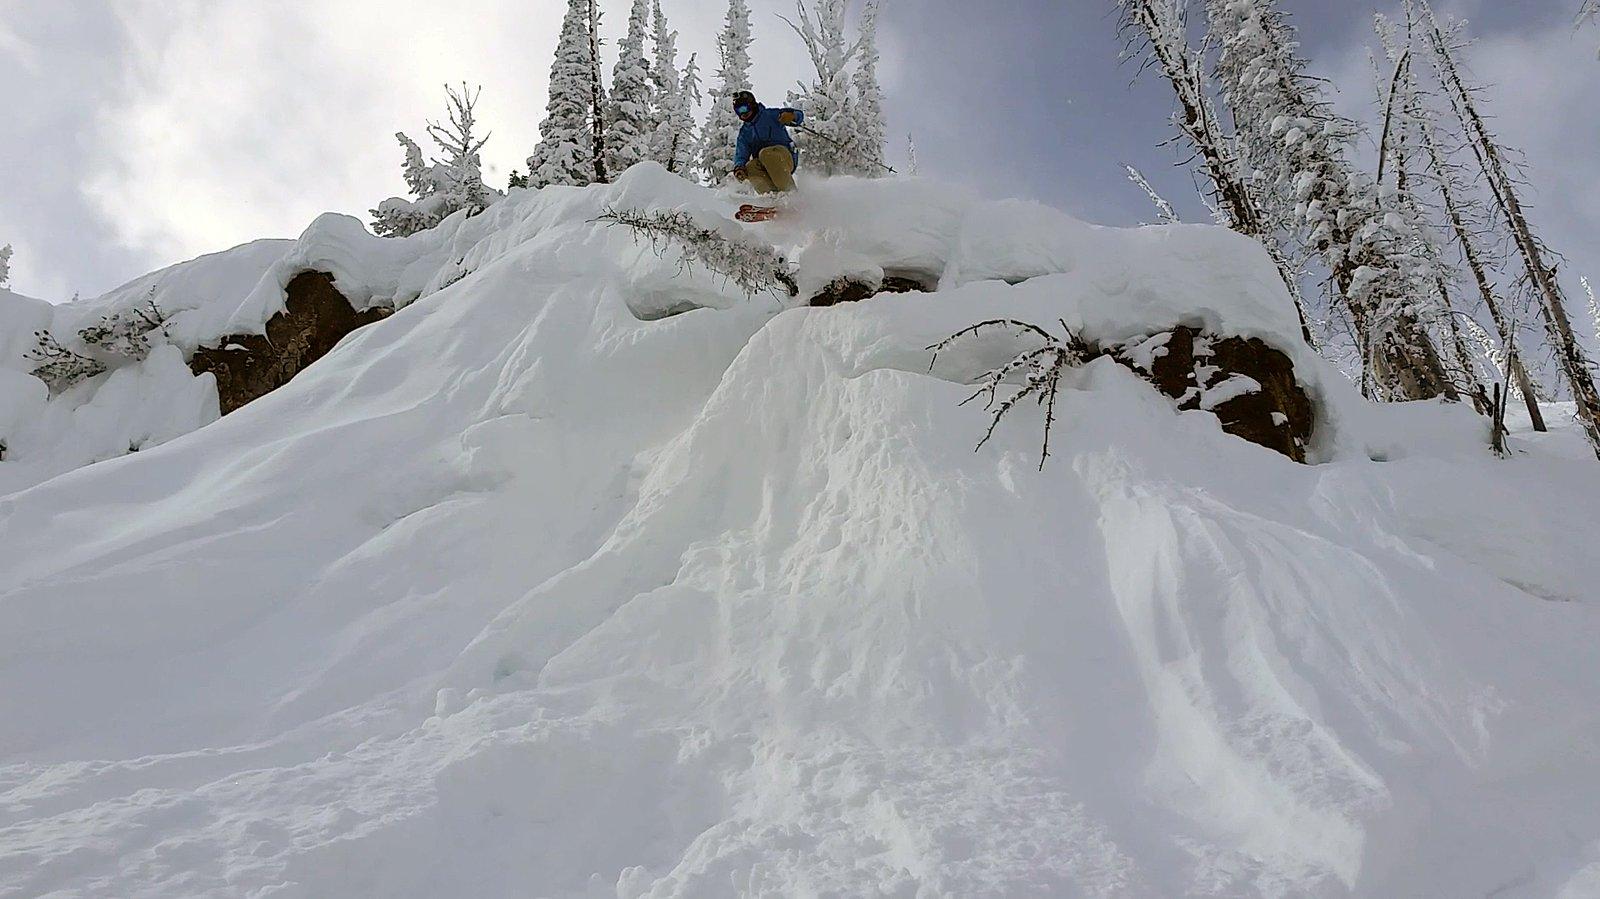 Fun drop, great snow.